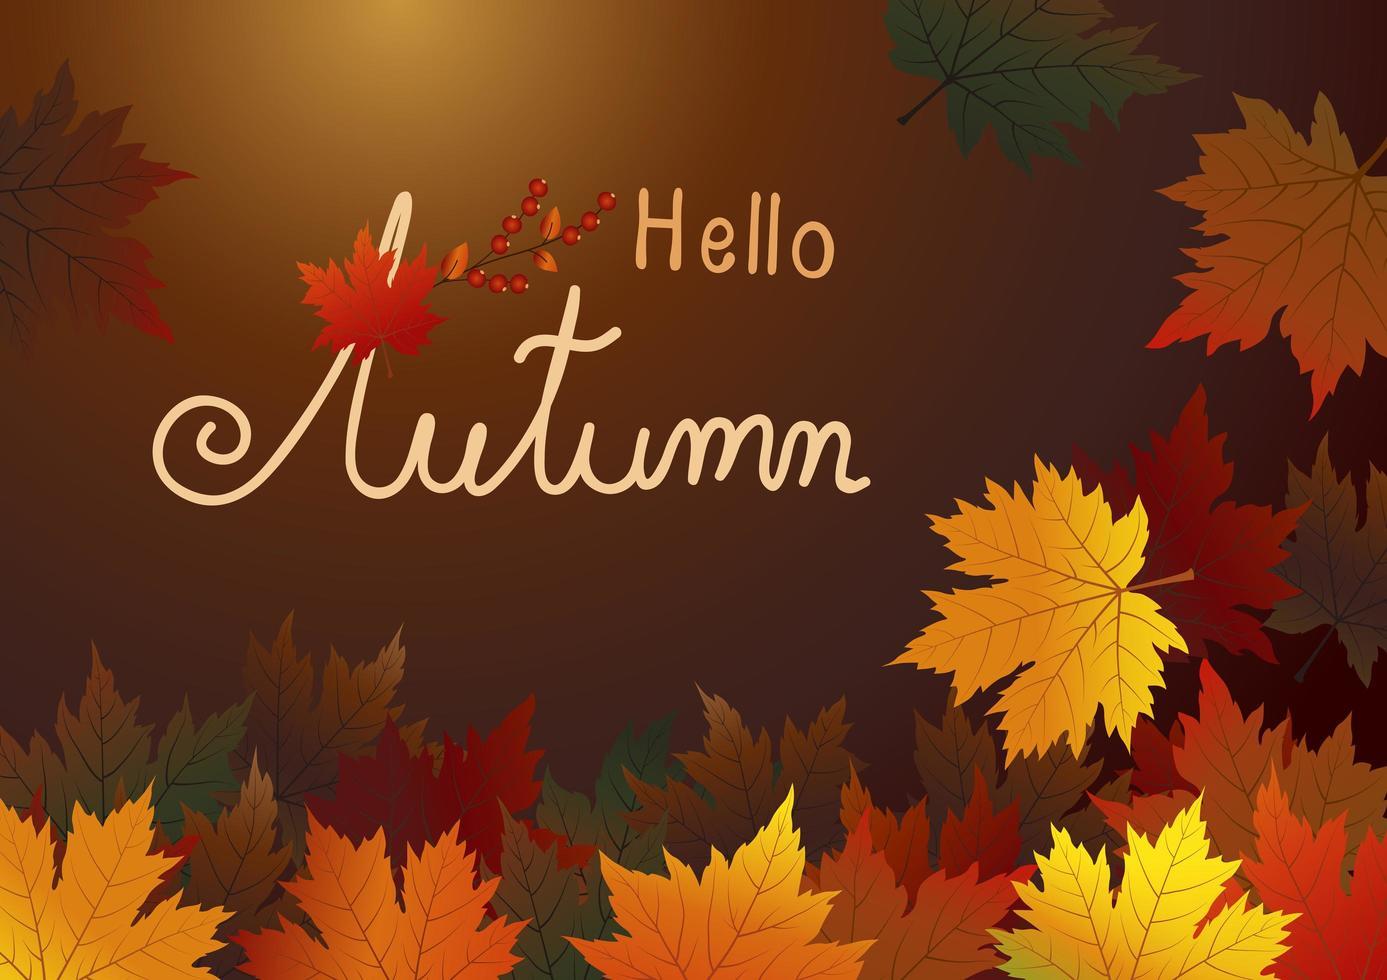 folhas de bordo de outono em fundo marrom vetor